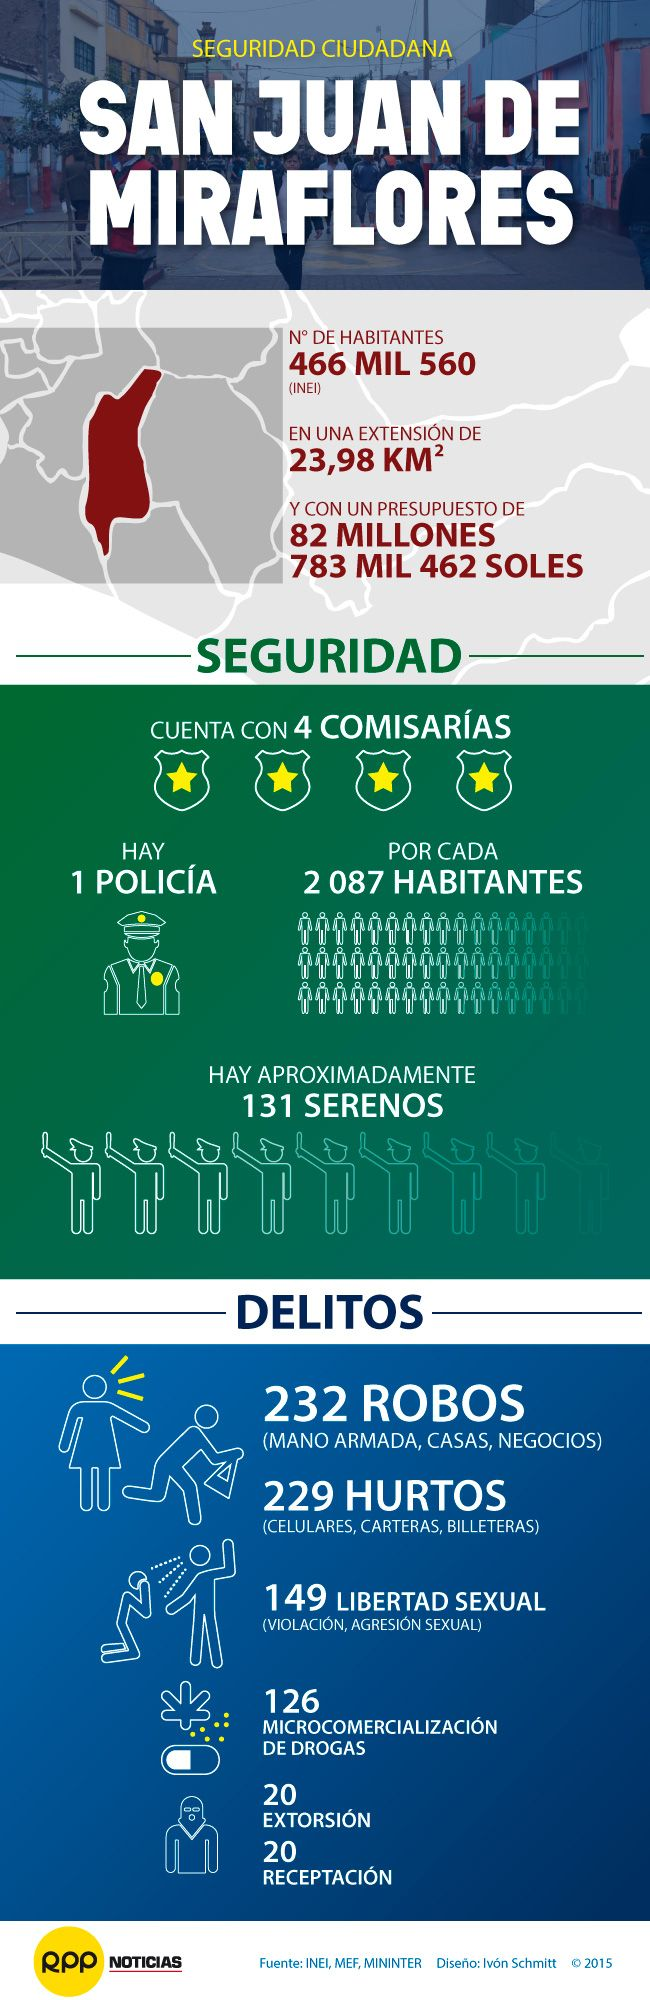 La cruzada de RPP Noticias contra la inseguridad ciudadana llegó al populoso distrito de San Juan de Miraflores (SJM). Revisa el informe completo: http://rpp.pe/lima/seguridad/sjm-vecinos-de-nueva-pamplona-no-estan-organizados-contra-el-crimen-noticia-914755